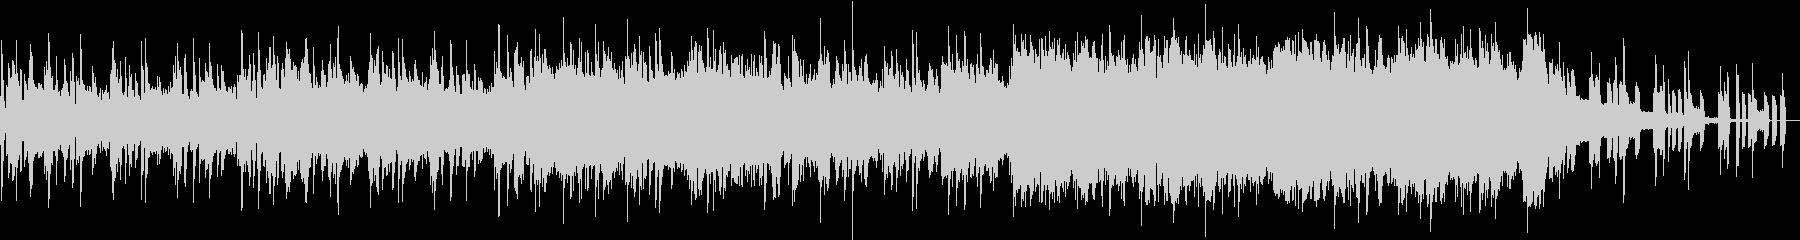 EDMとギターロックが融合したシングルの未再生の波形